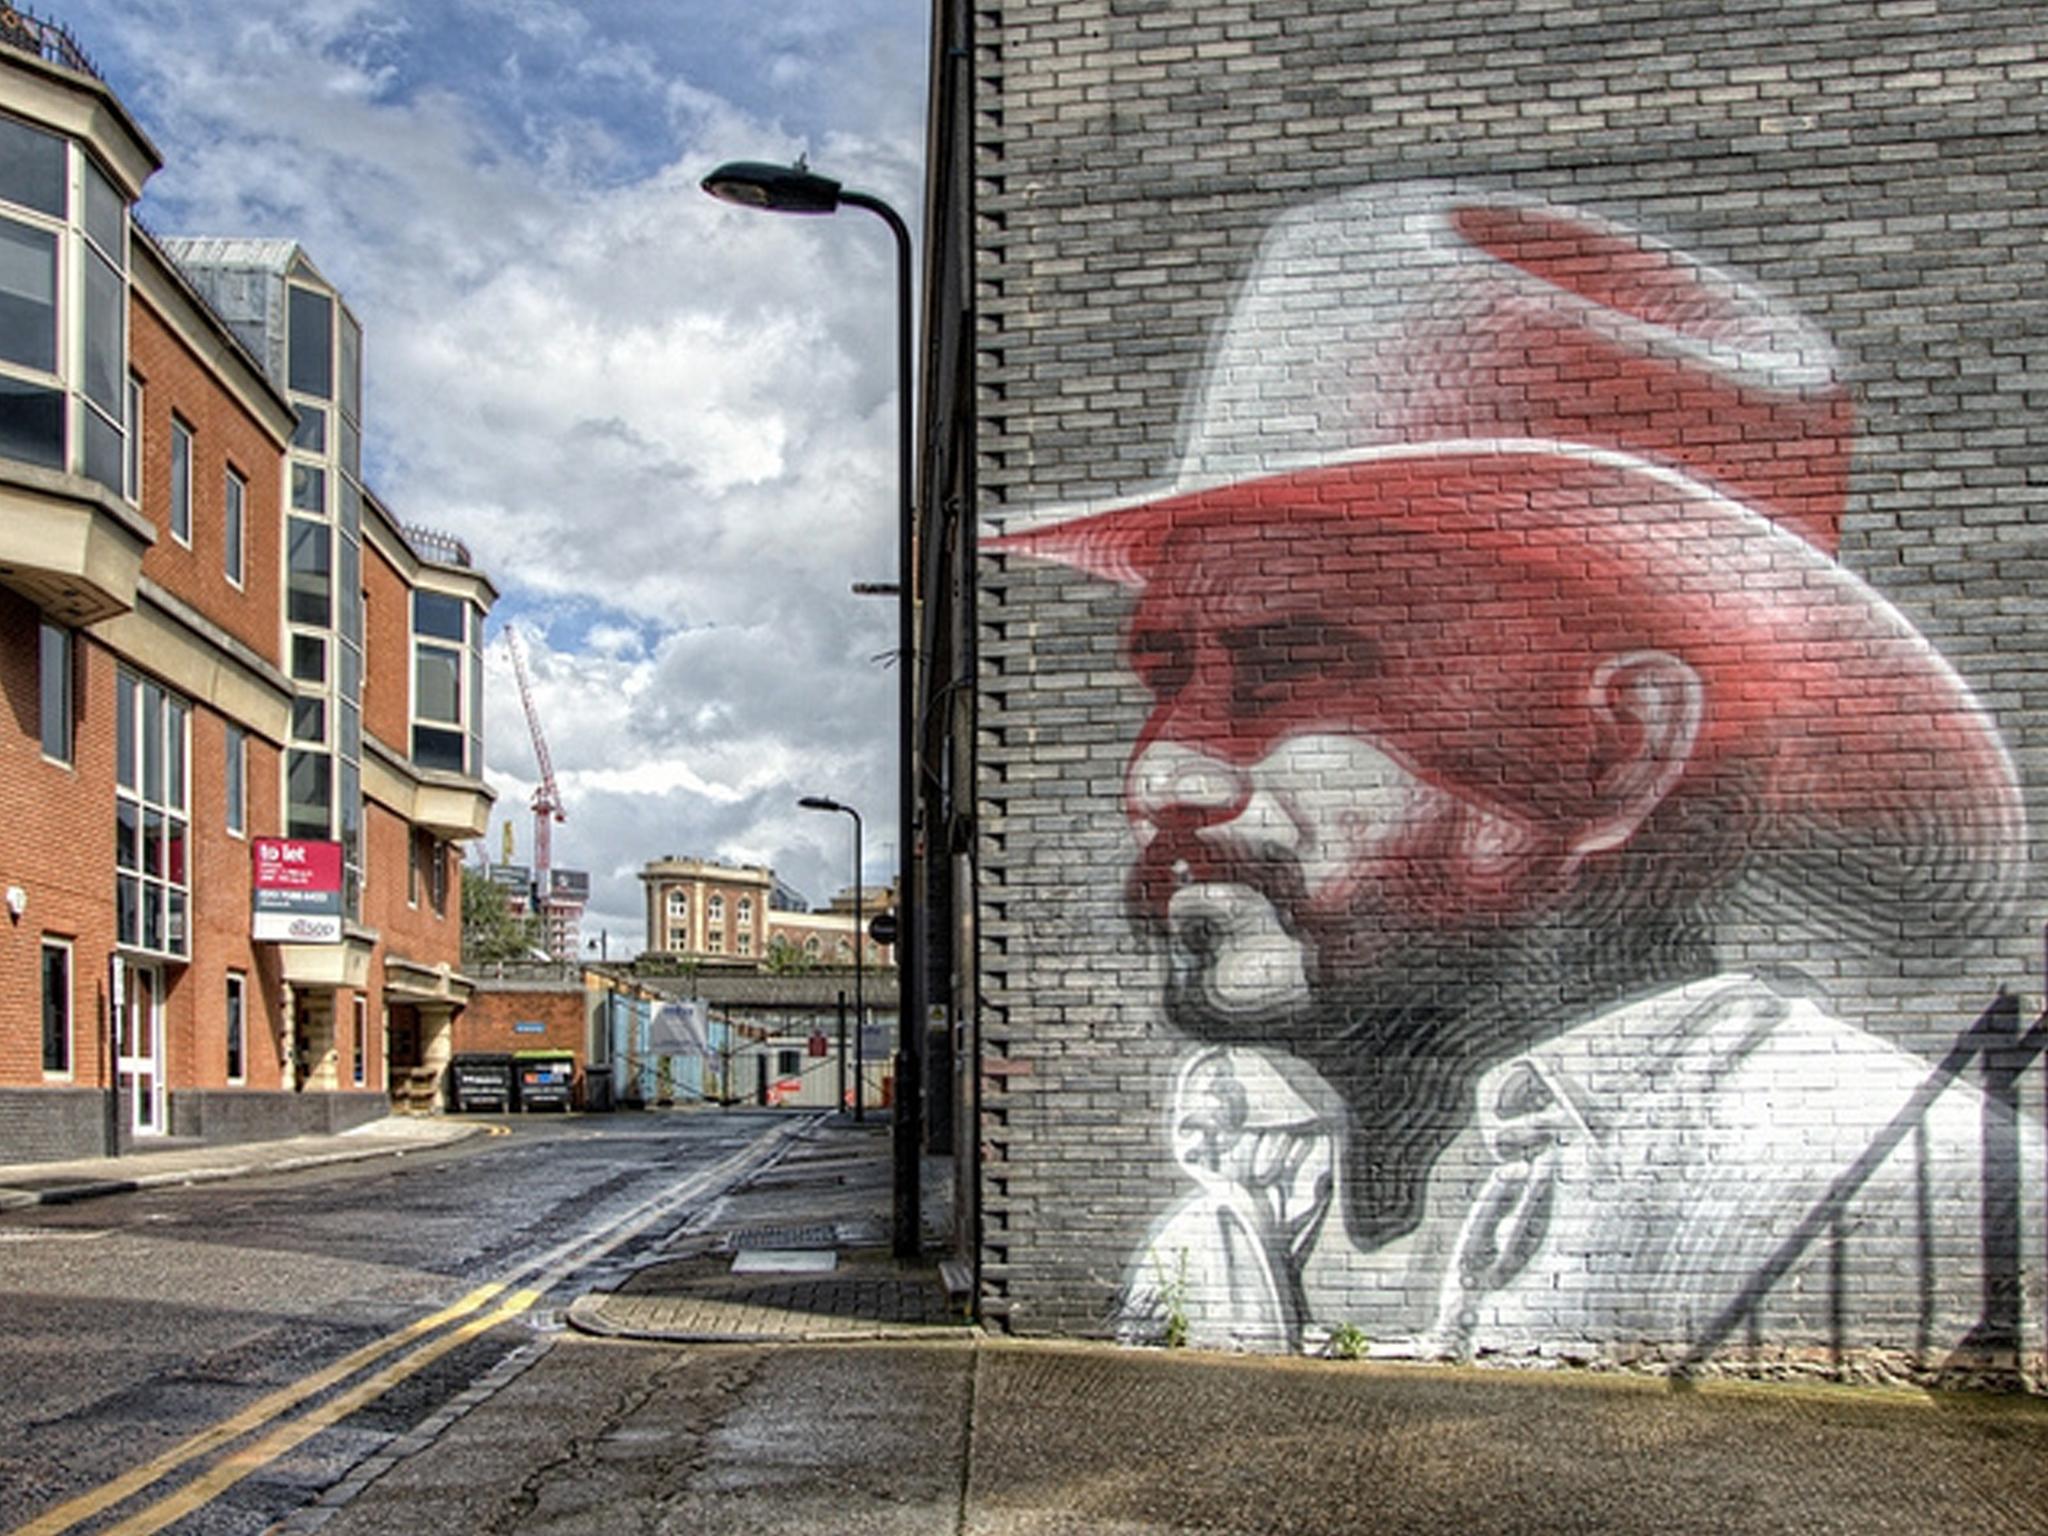 El Mac, Hoxton